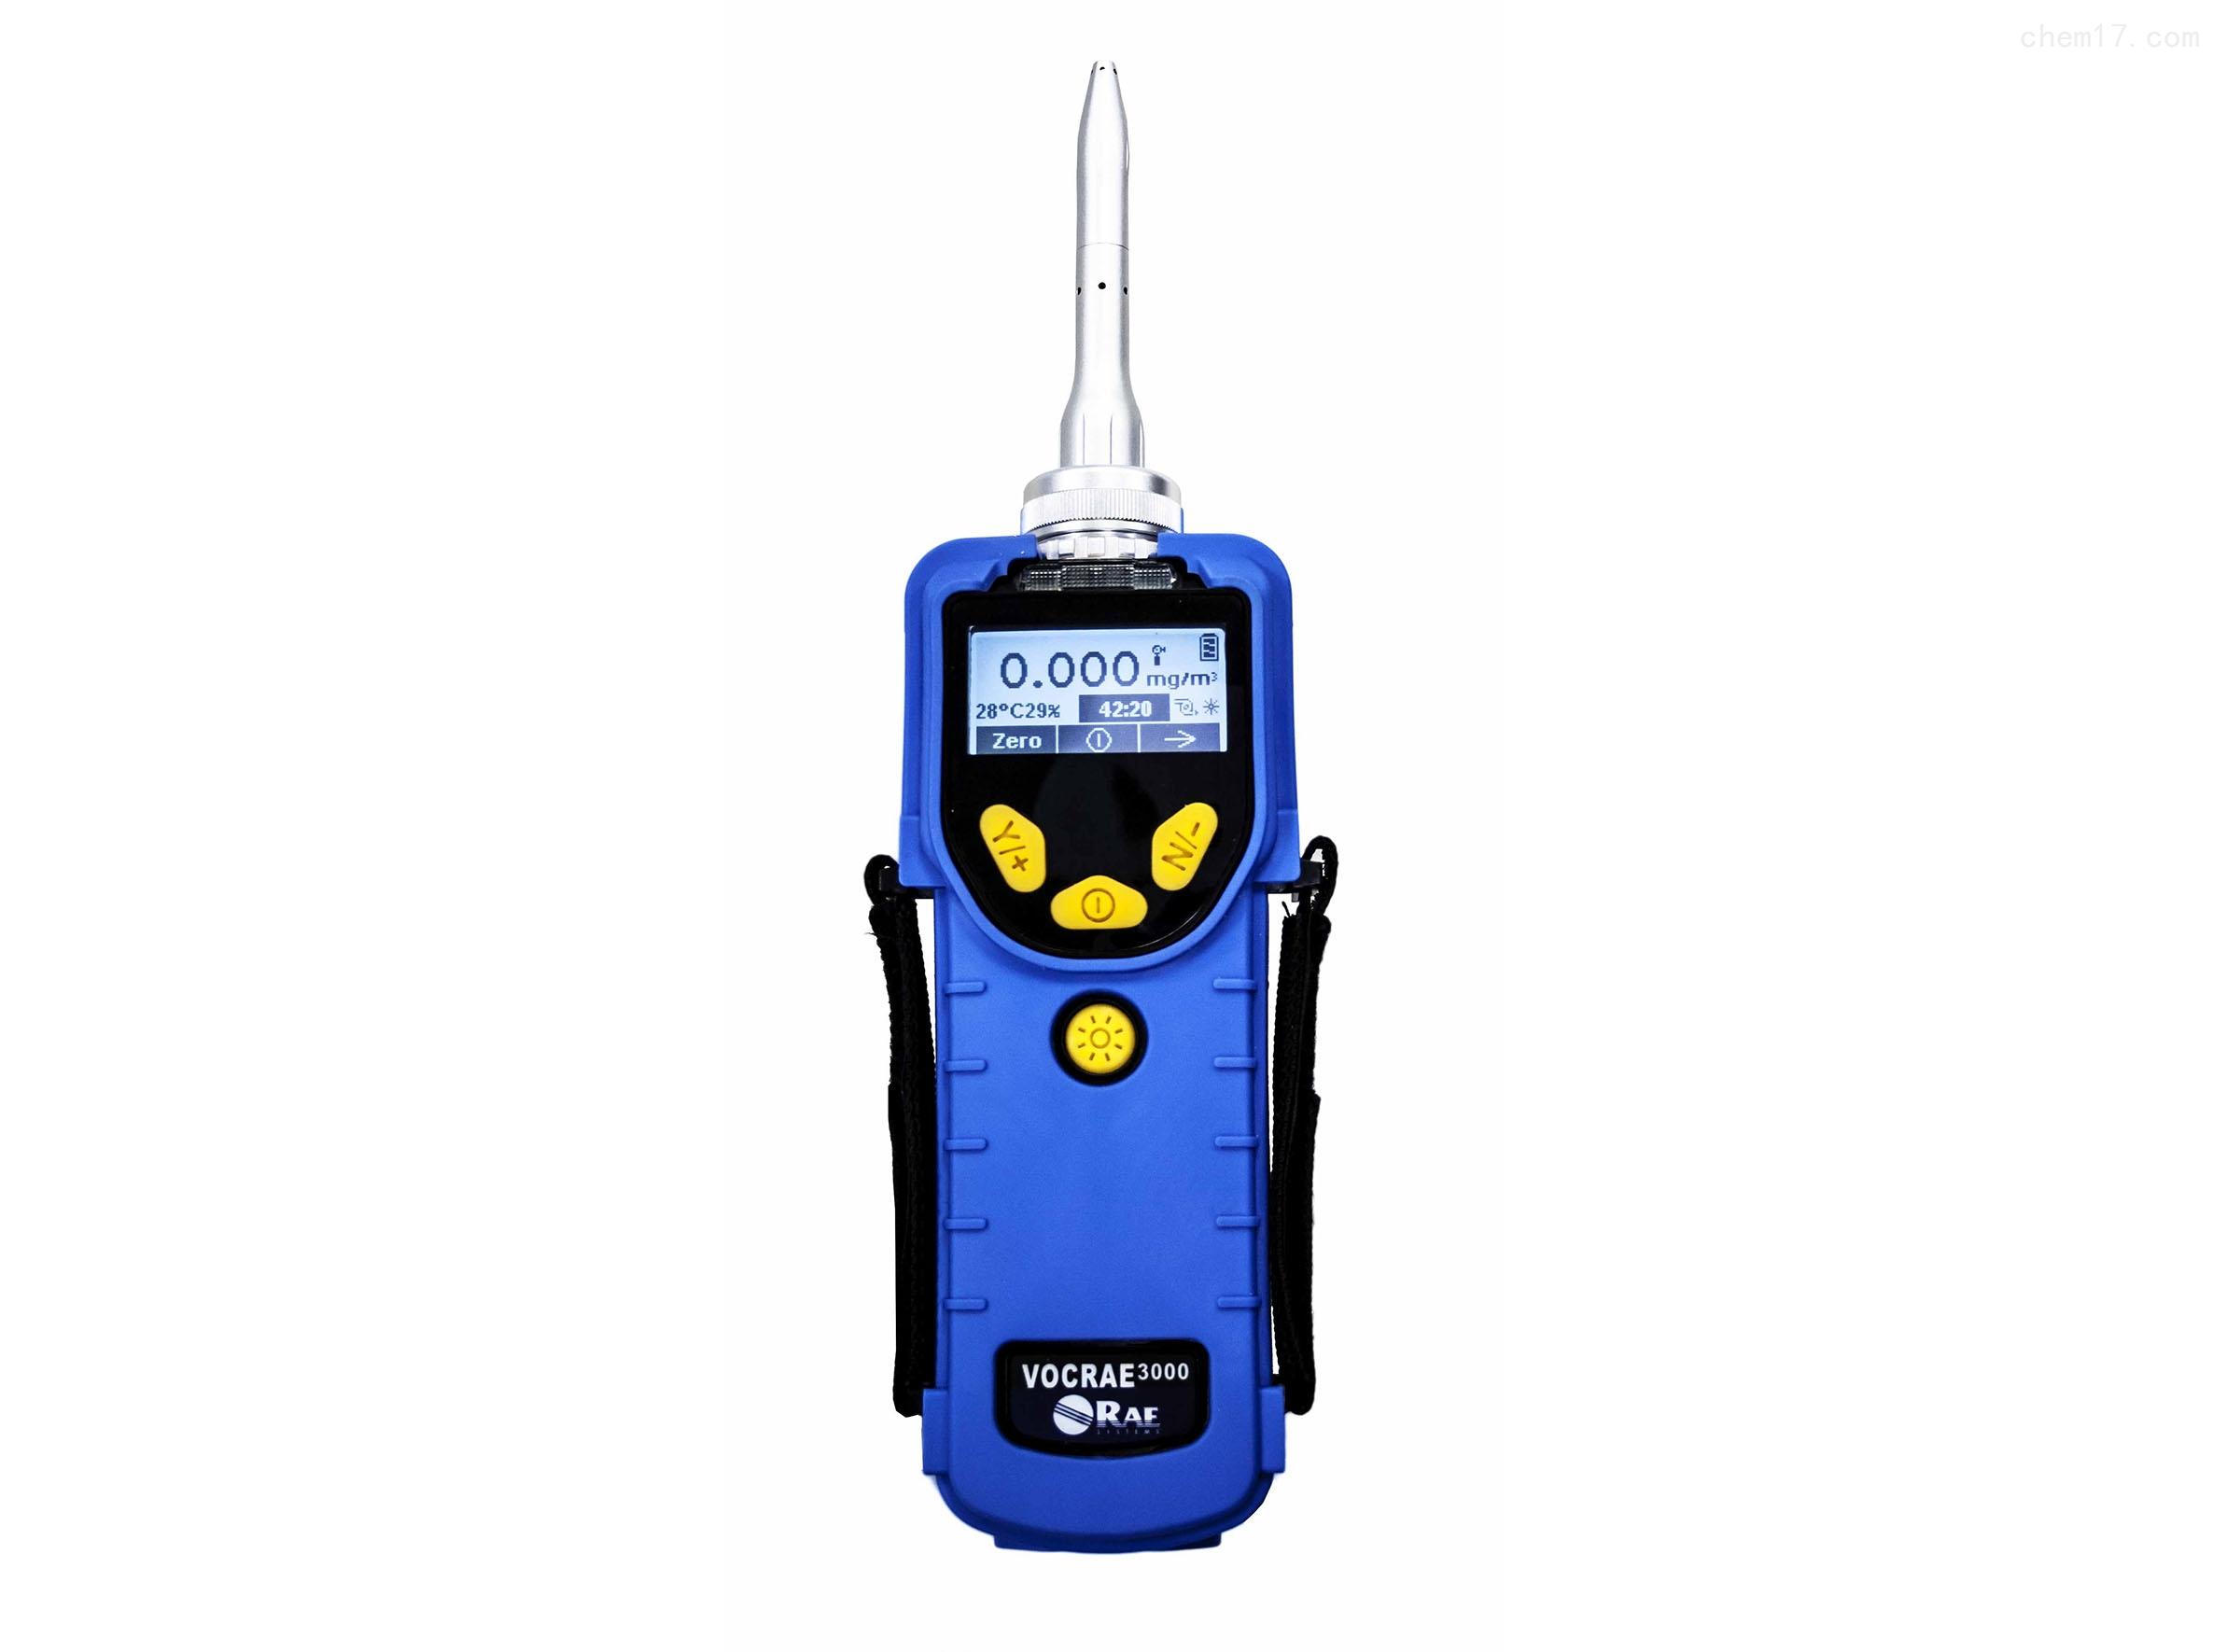 美国华瑞VOCRAE 3000 IAQ快速检测仪